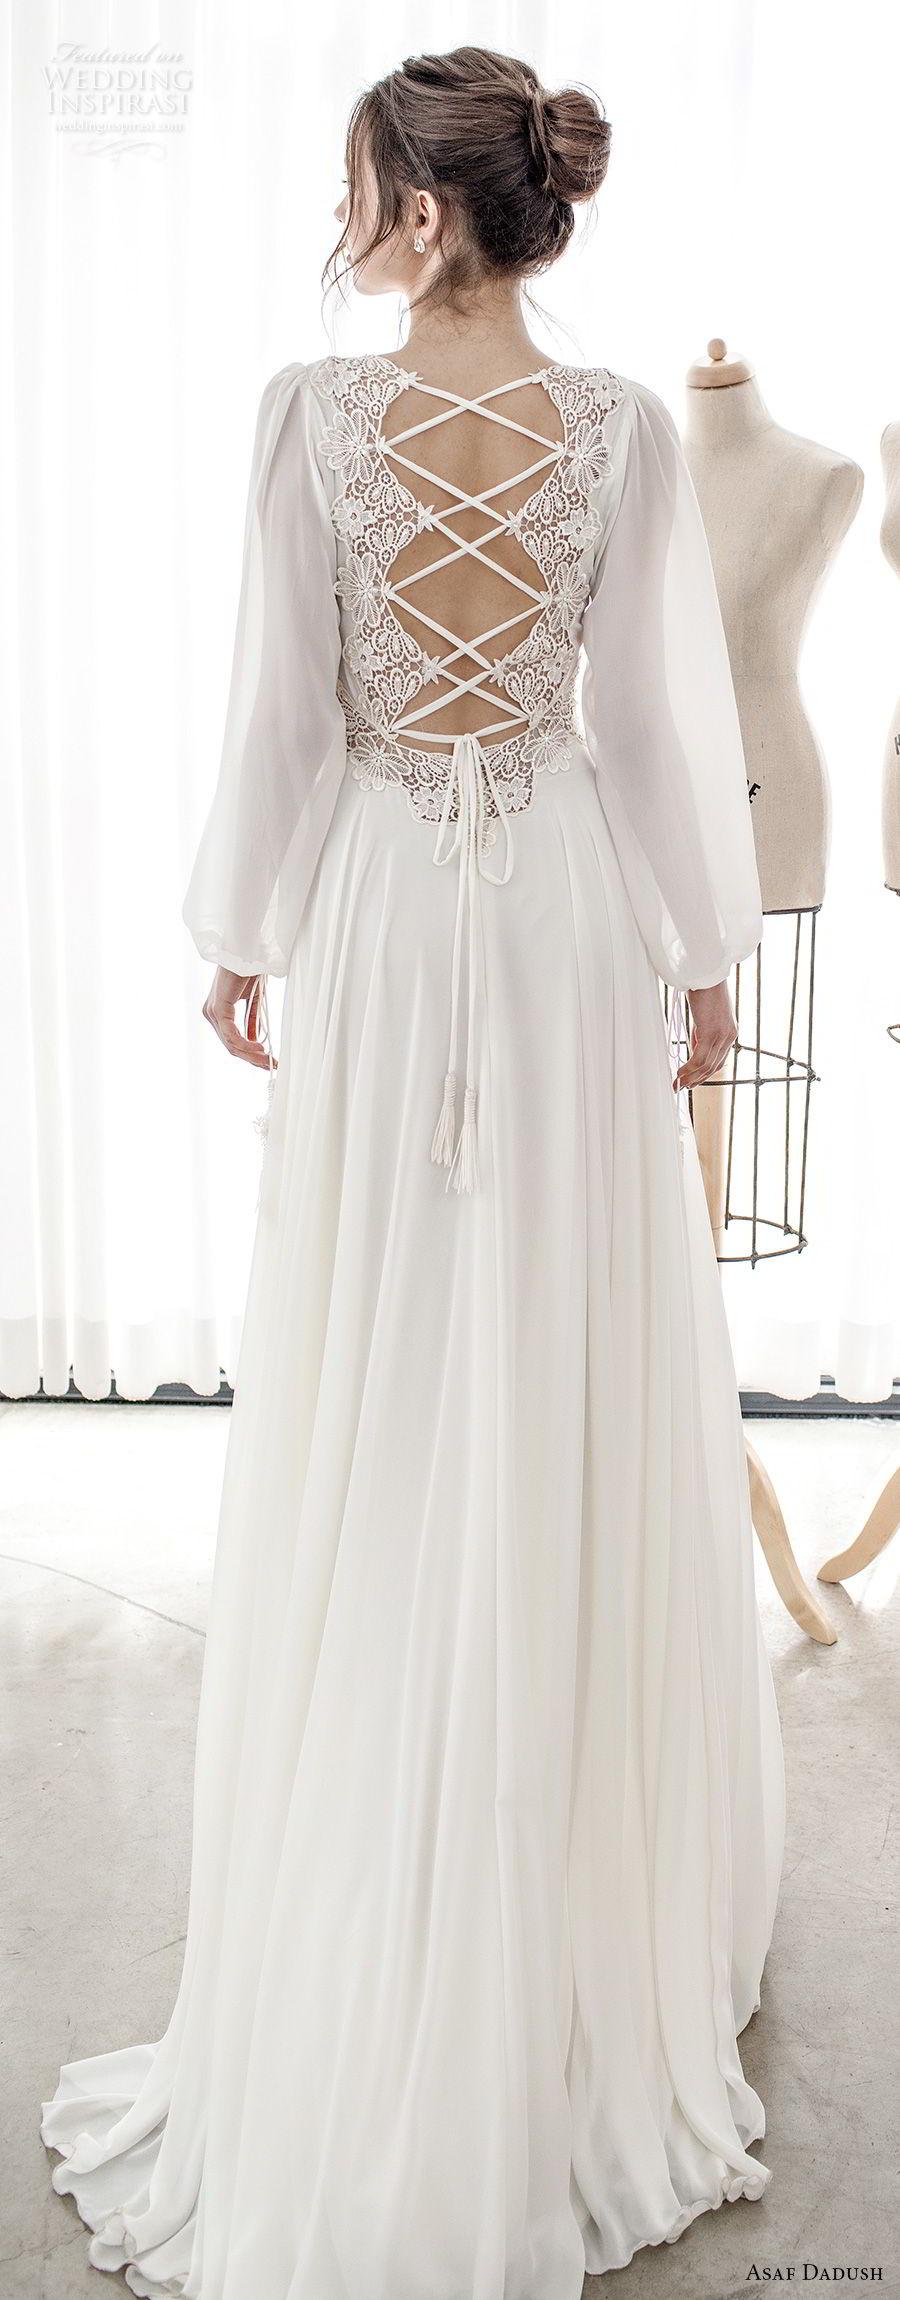 asaf dadush 2017 bridal long bishop sleeves v neck lighly embellished bodice romantic bohemian soft a  line wedding dress cross strap back sweep train (14) bv